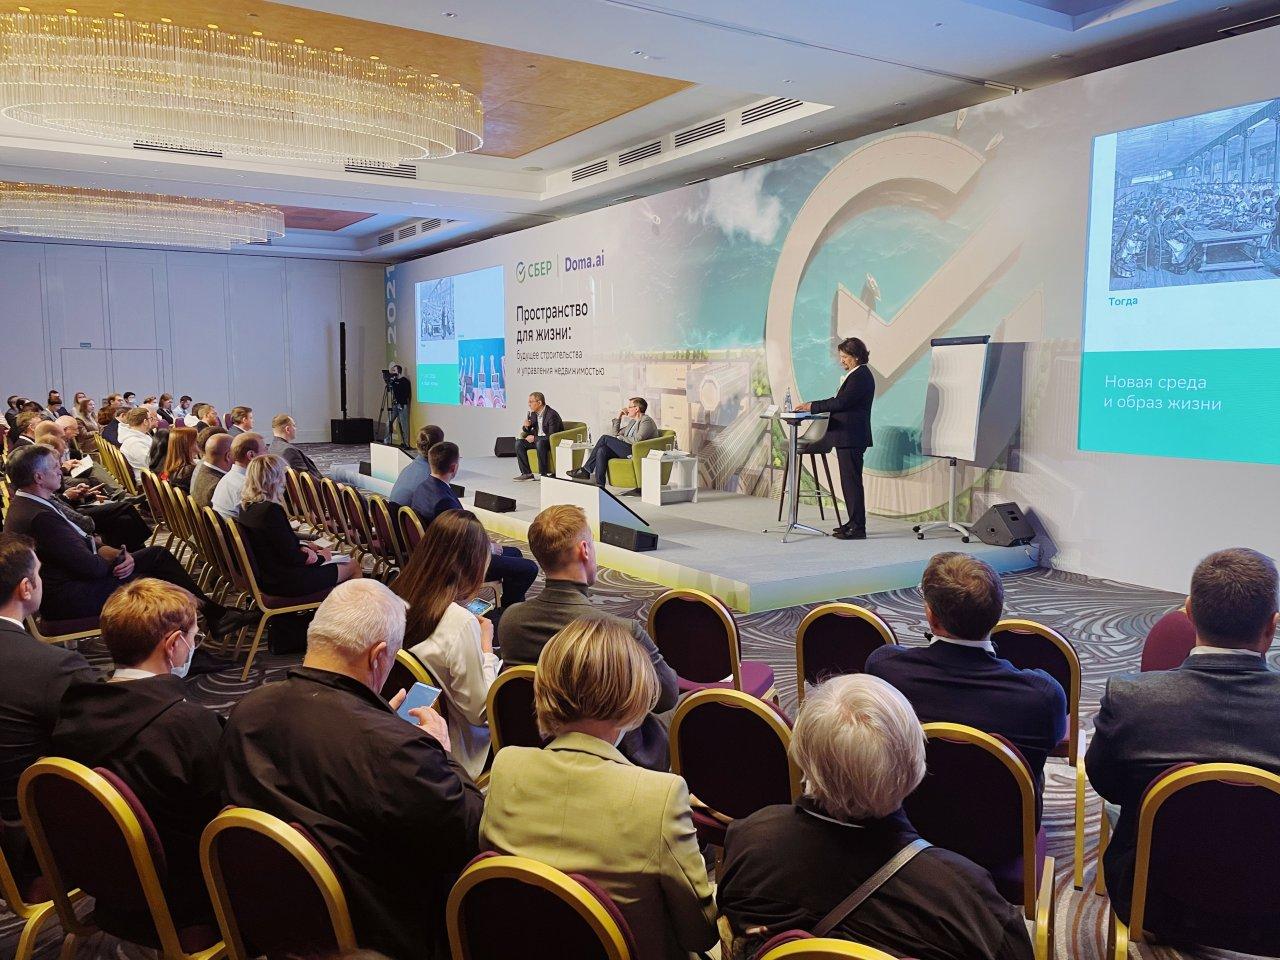 В Самаре на конференции Сбера обсудили какими будут города в будущем